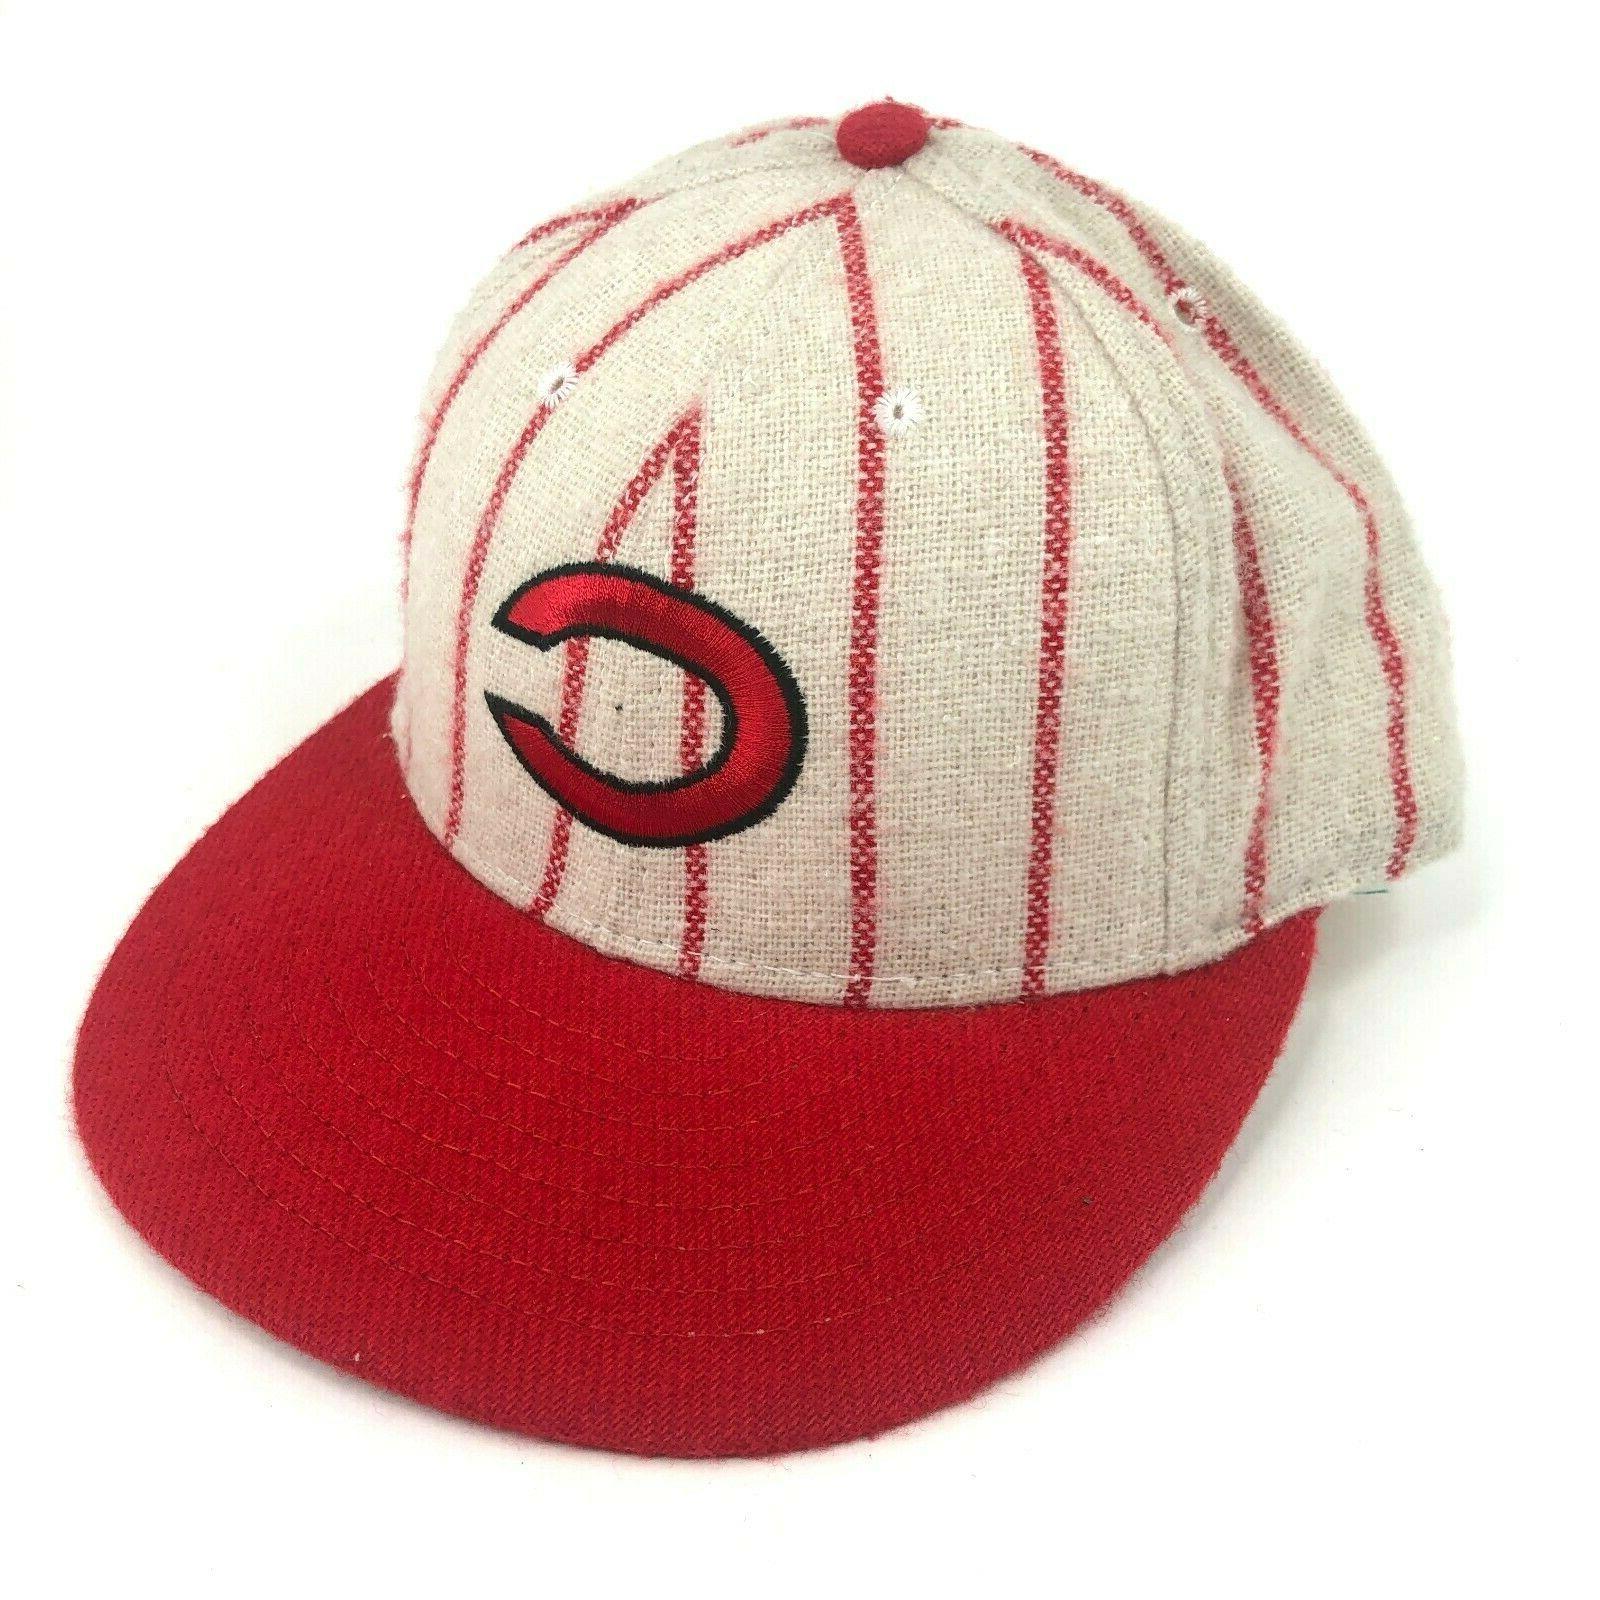 vintage cincinnati reds fitted hat cap wool